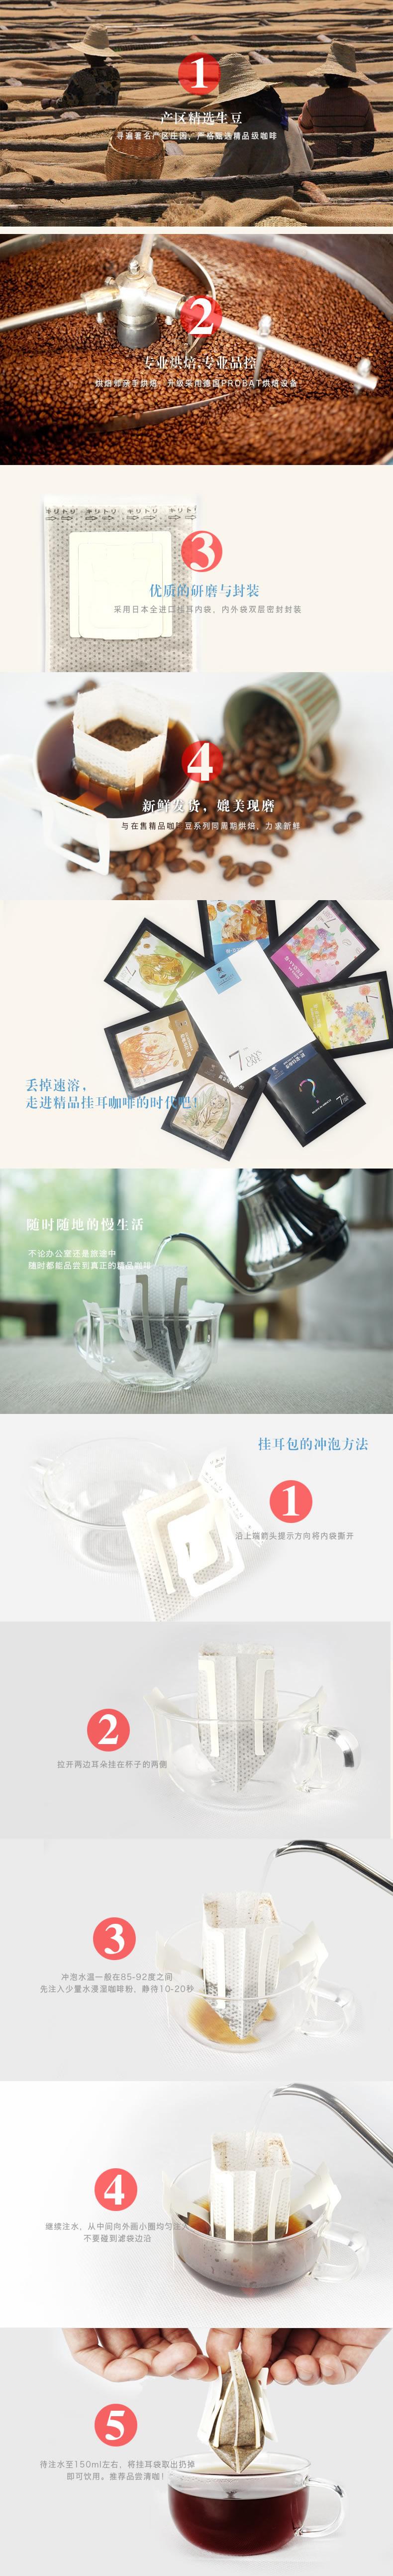 泰摩7天系列精品咖啡全家福礼盒装详情图